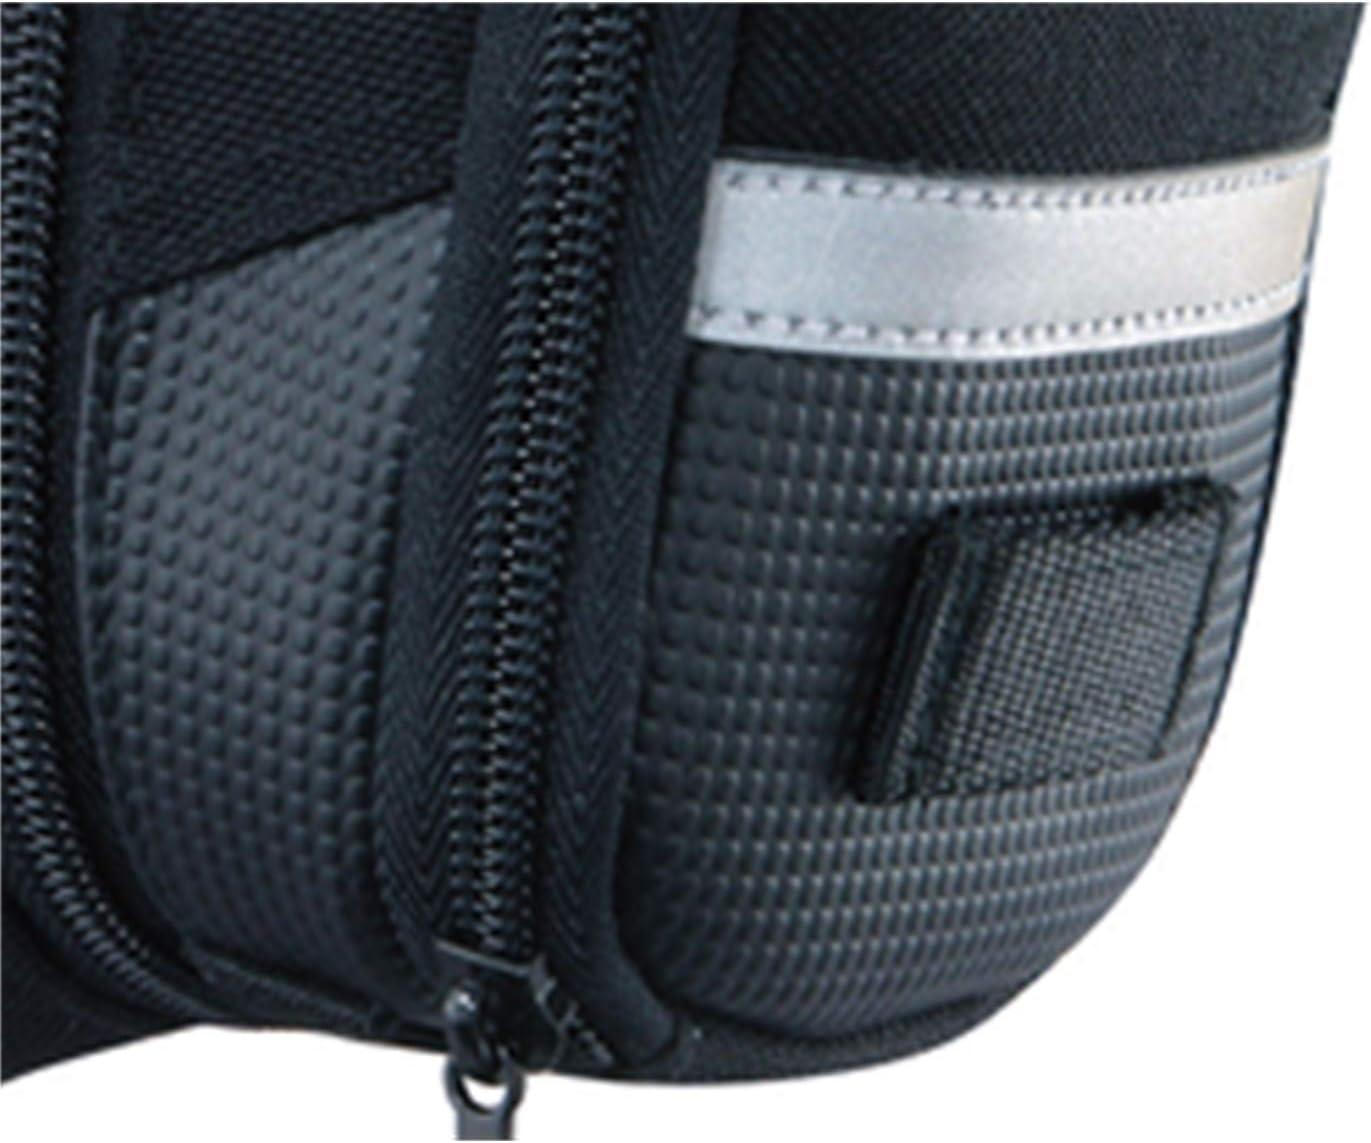 TOPEAK Satteltasche mit Befestigungsriemen Aero Wedge Pack